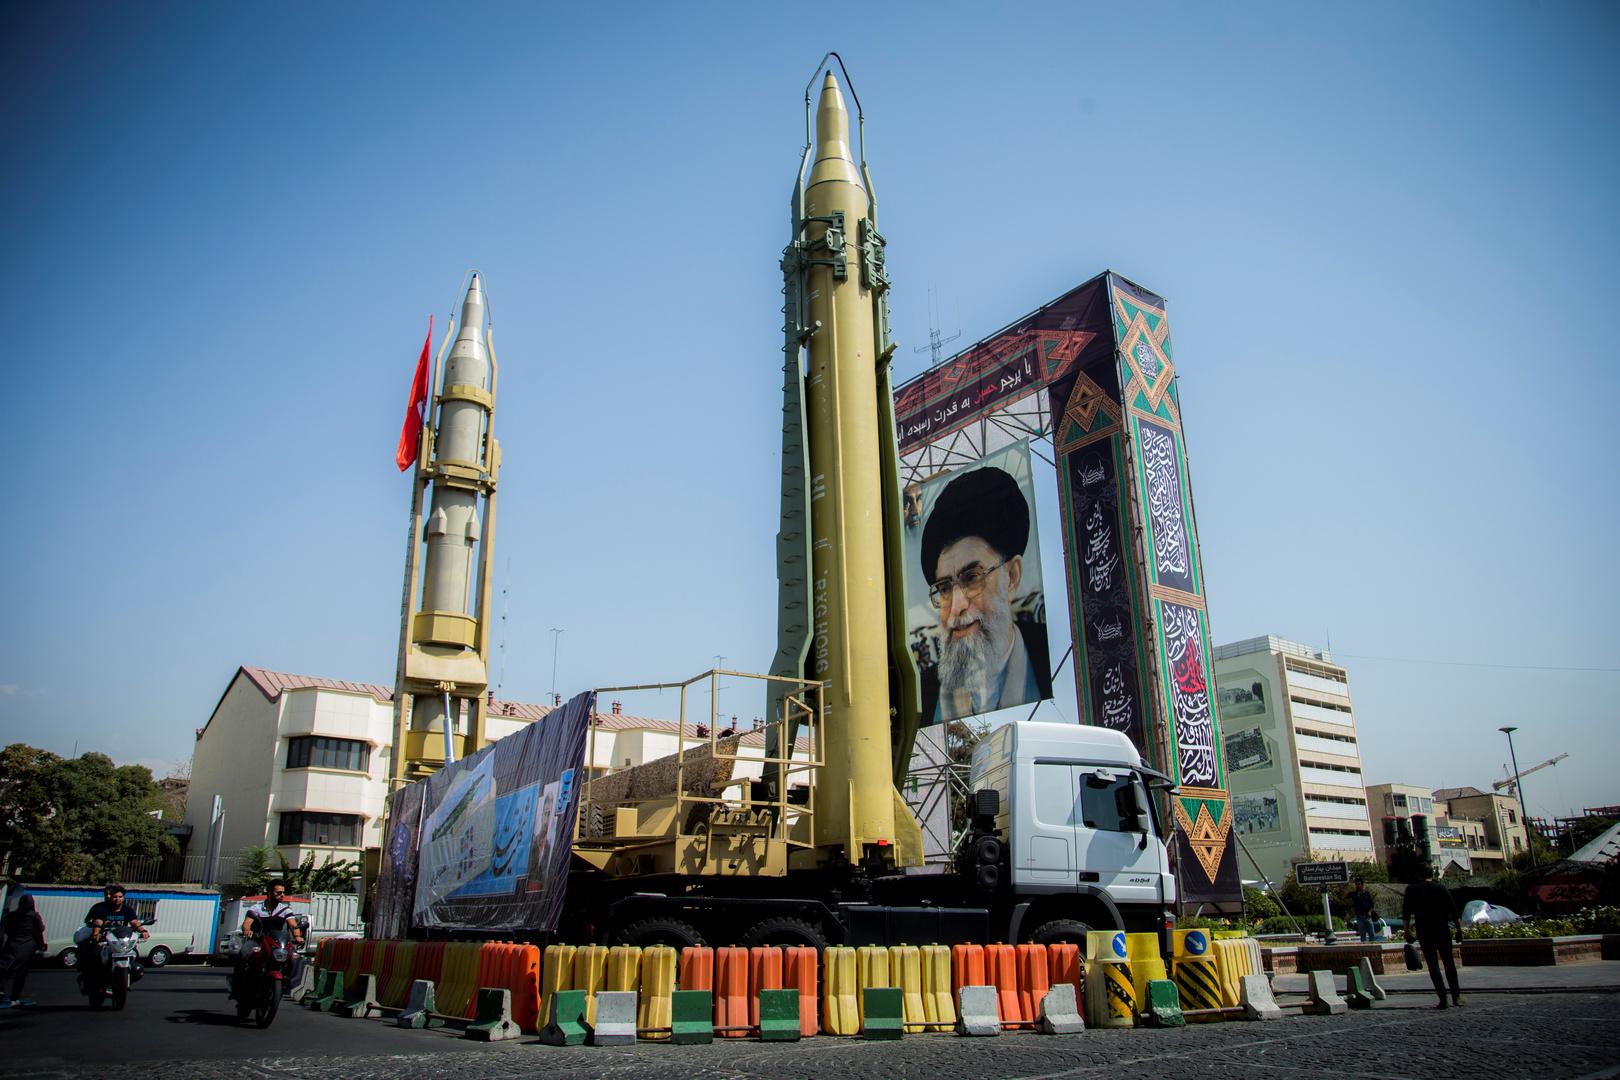 إيران تكشف عن طائرة مسيرة هجومية جديدة تشبه